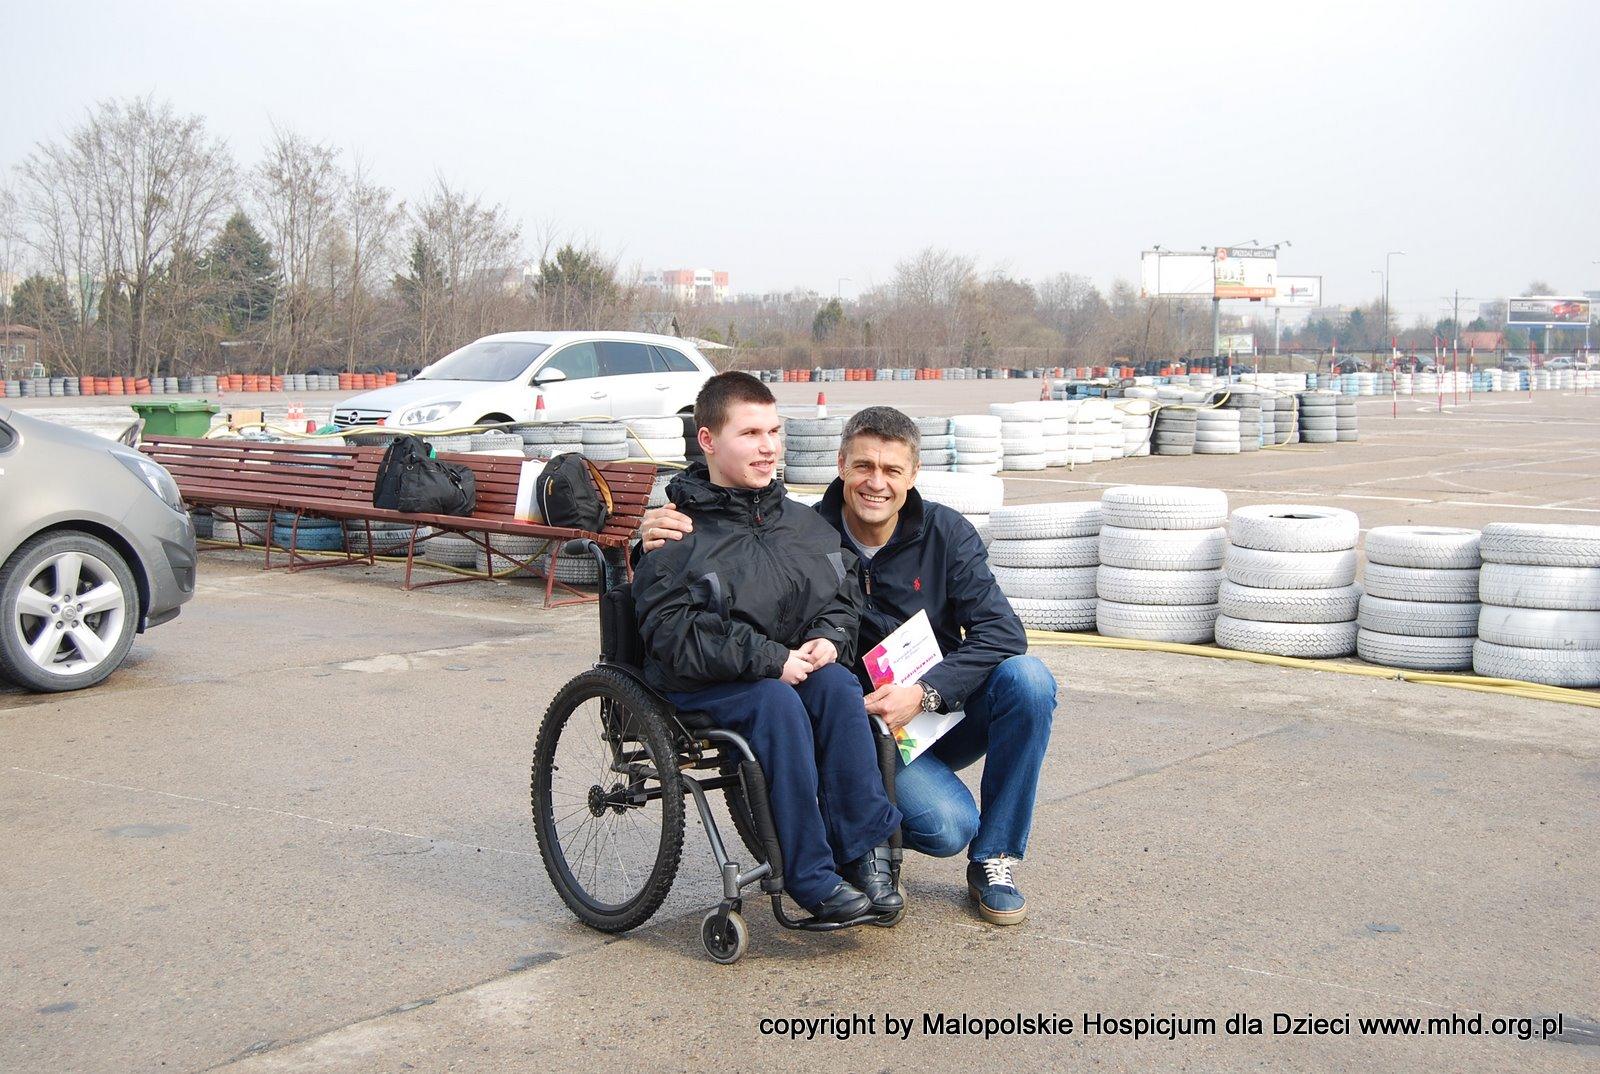 16-letni Wojtek, spotkał się 4 kwietnia 2012 roku w Warszawie ze swoim idolem, Krzysztofem Hołowczycem.